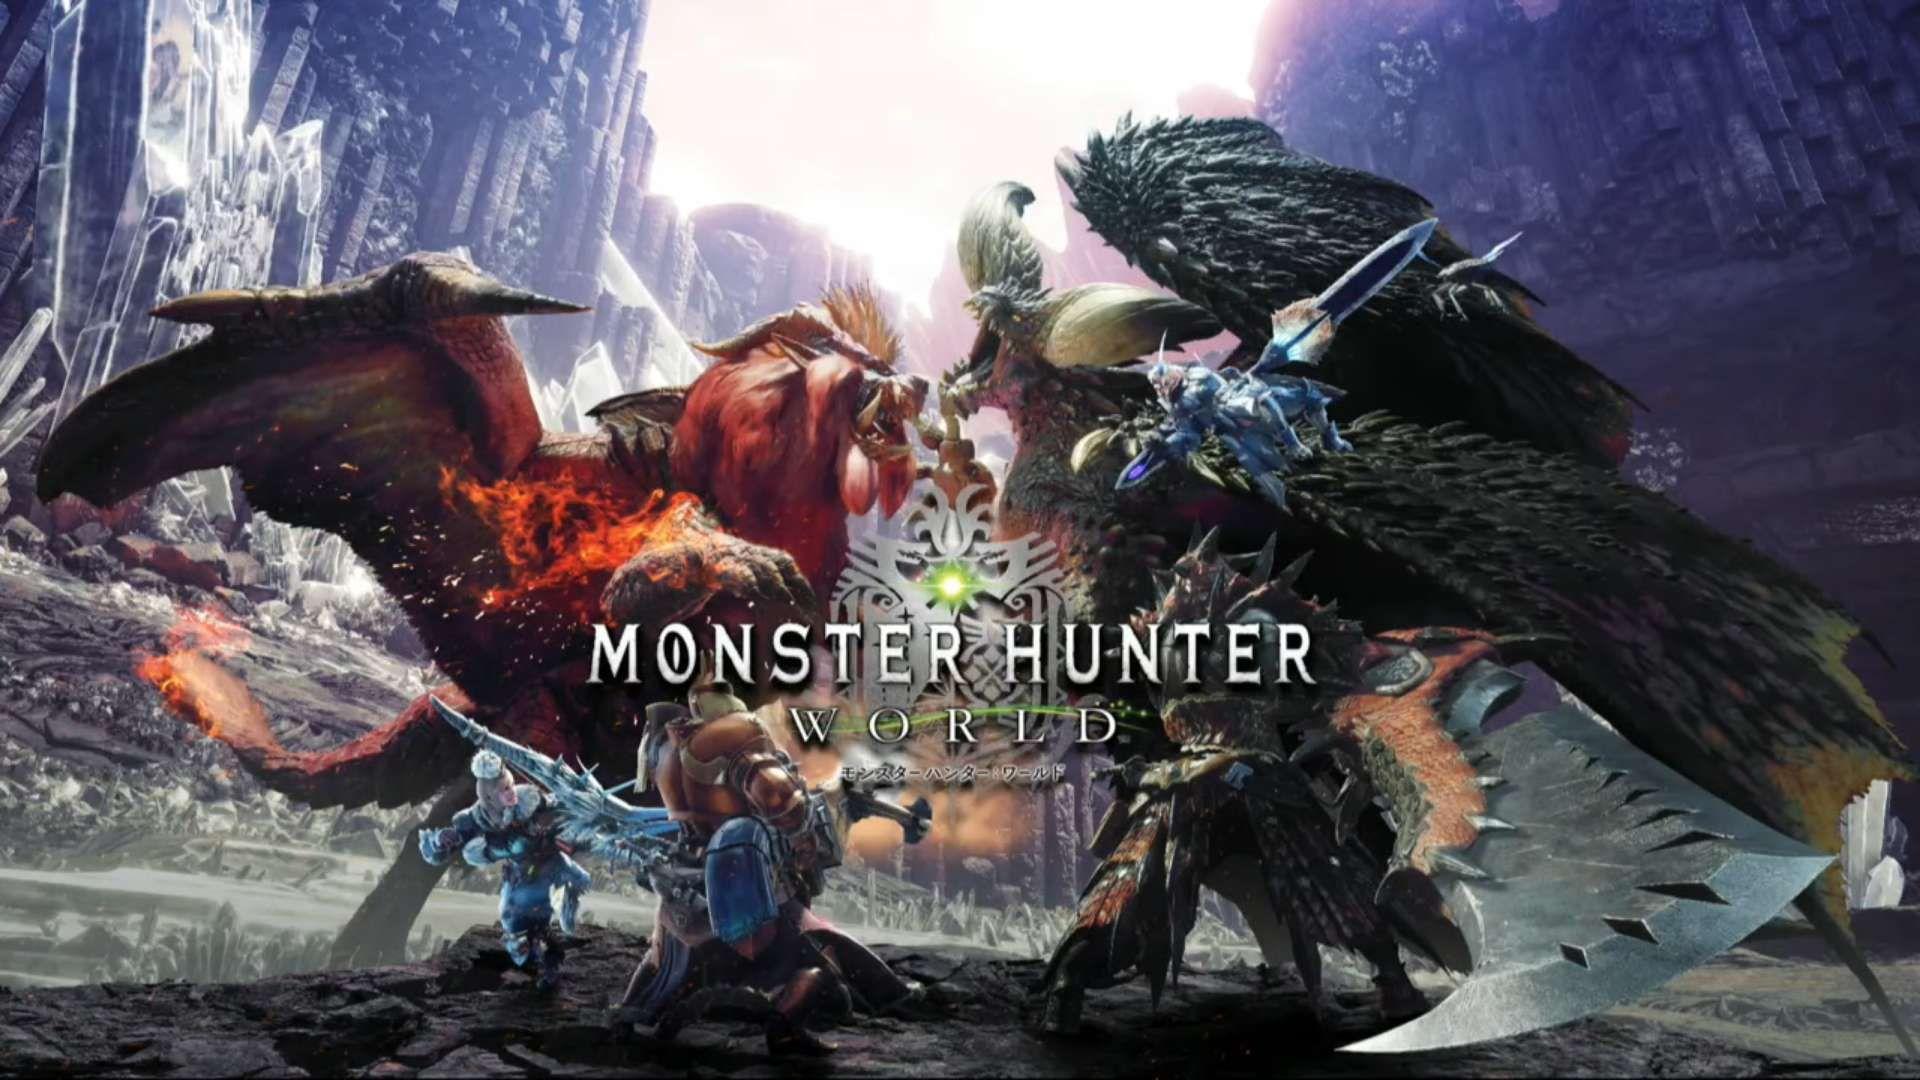 Monster Hunter World Iceborne Wallpaper 68453 1920x1080px